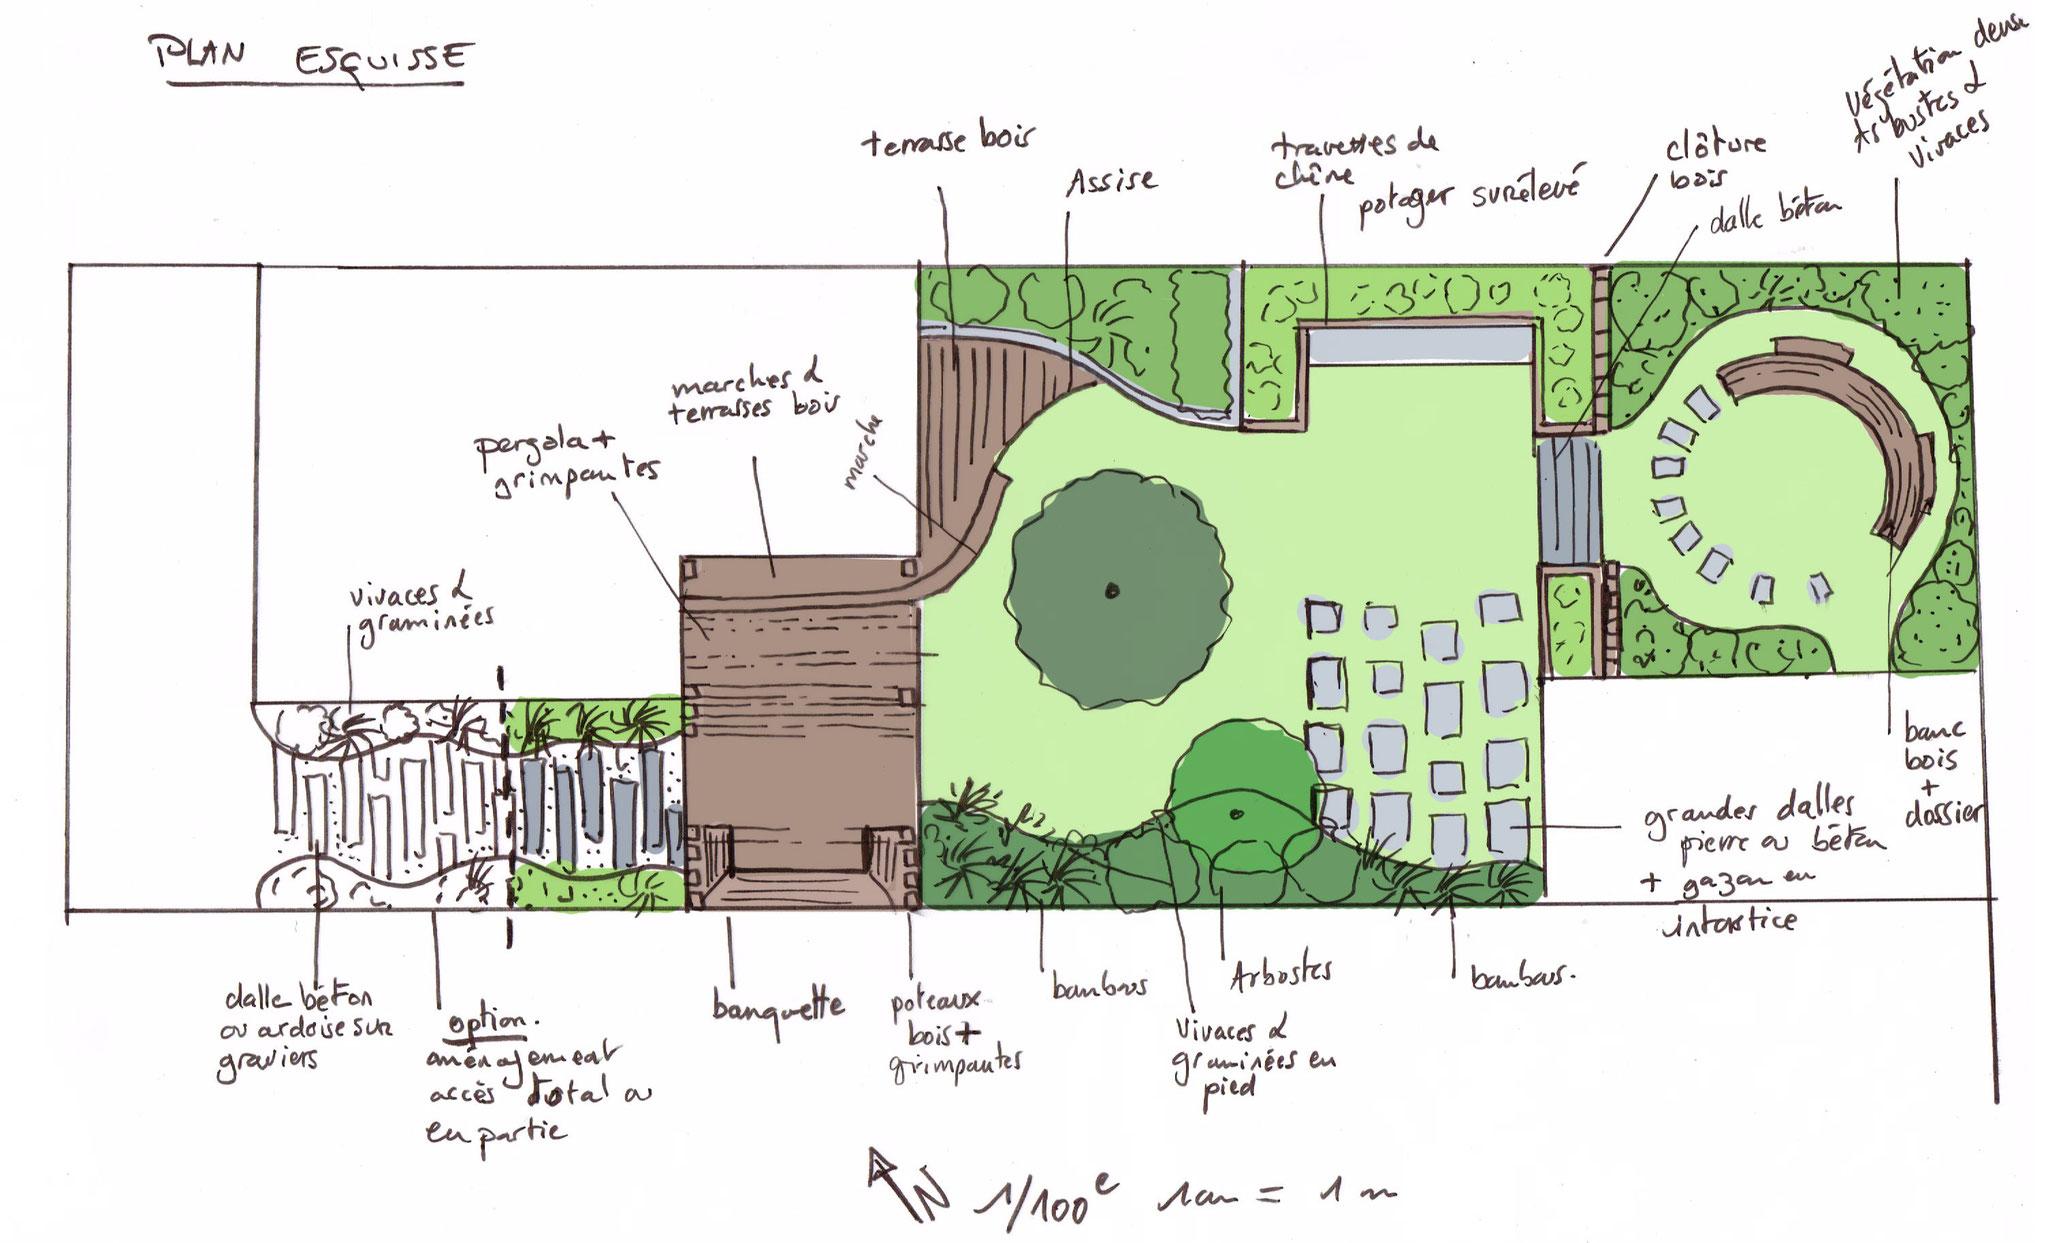 Plan esquisse jardin de ville